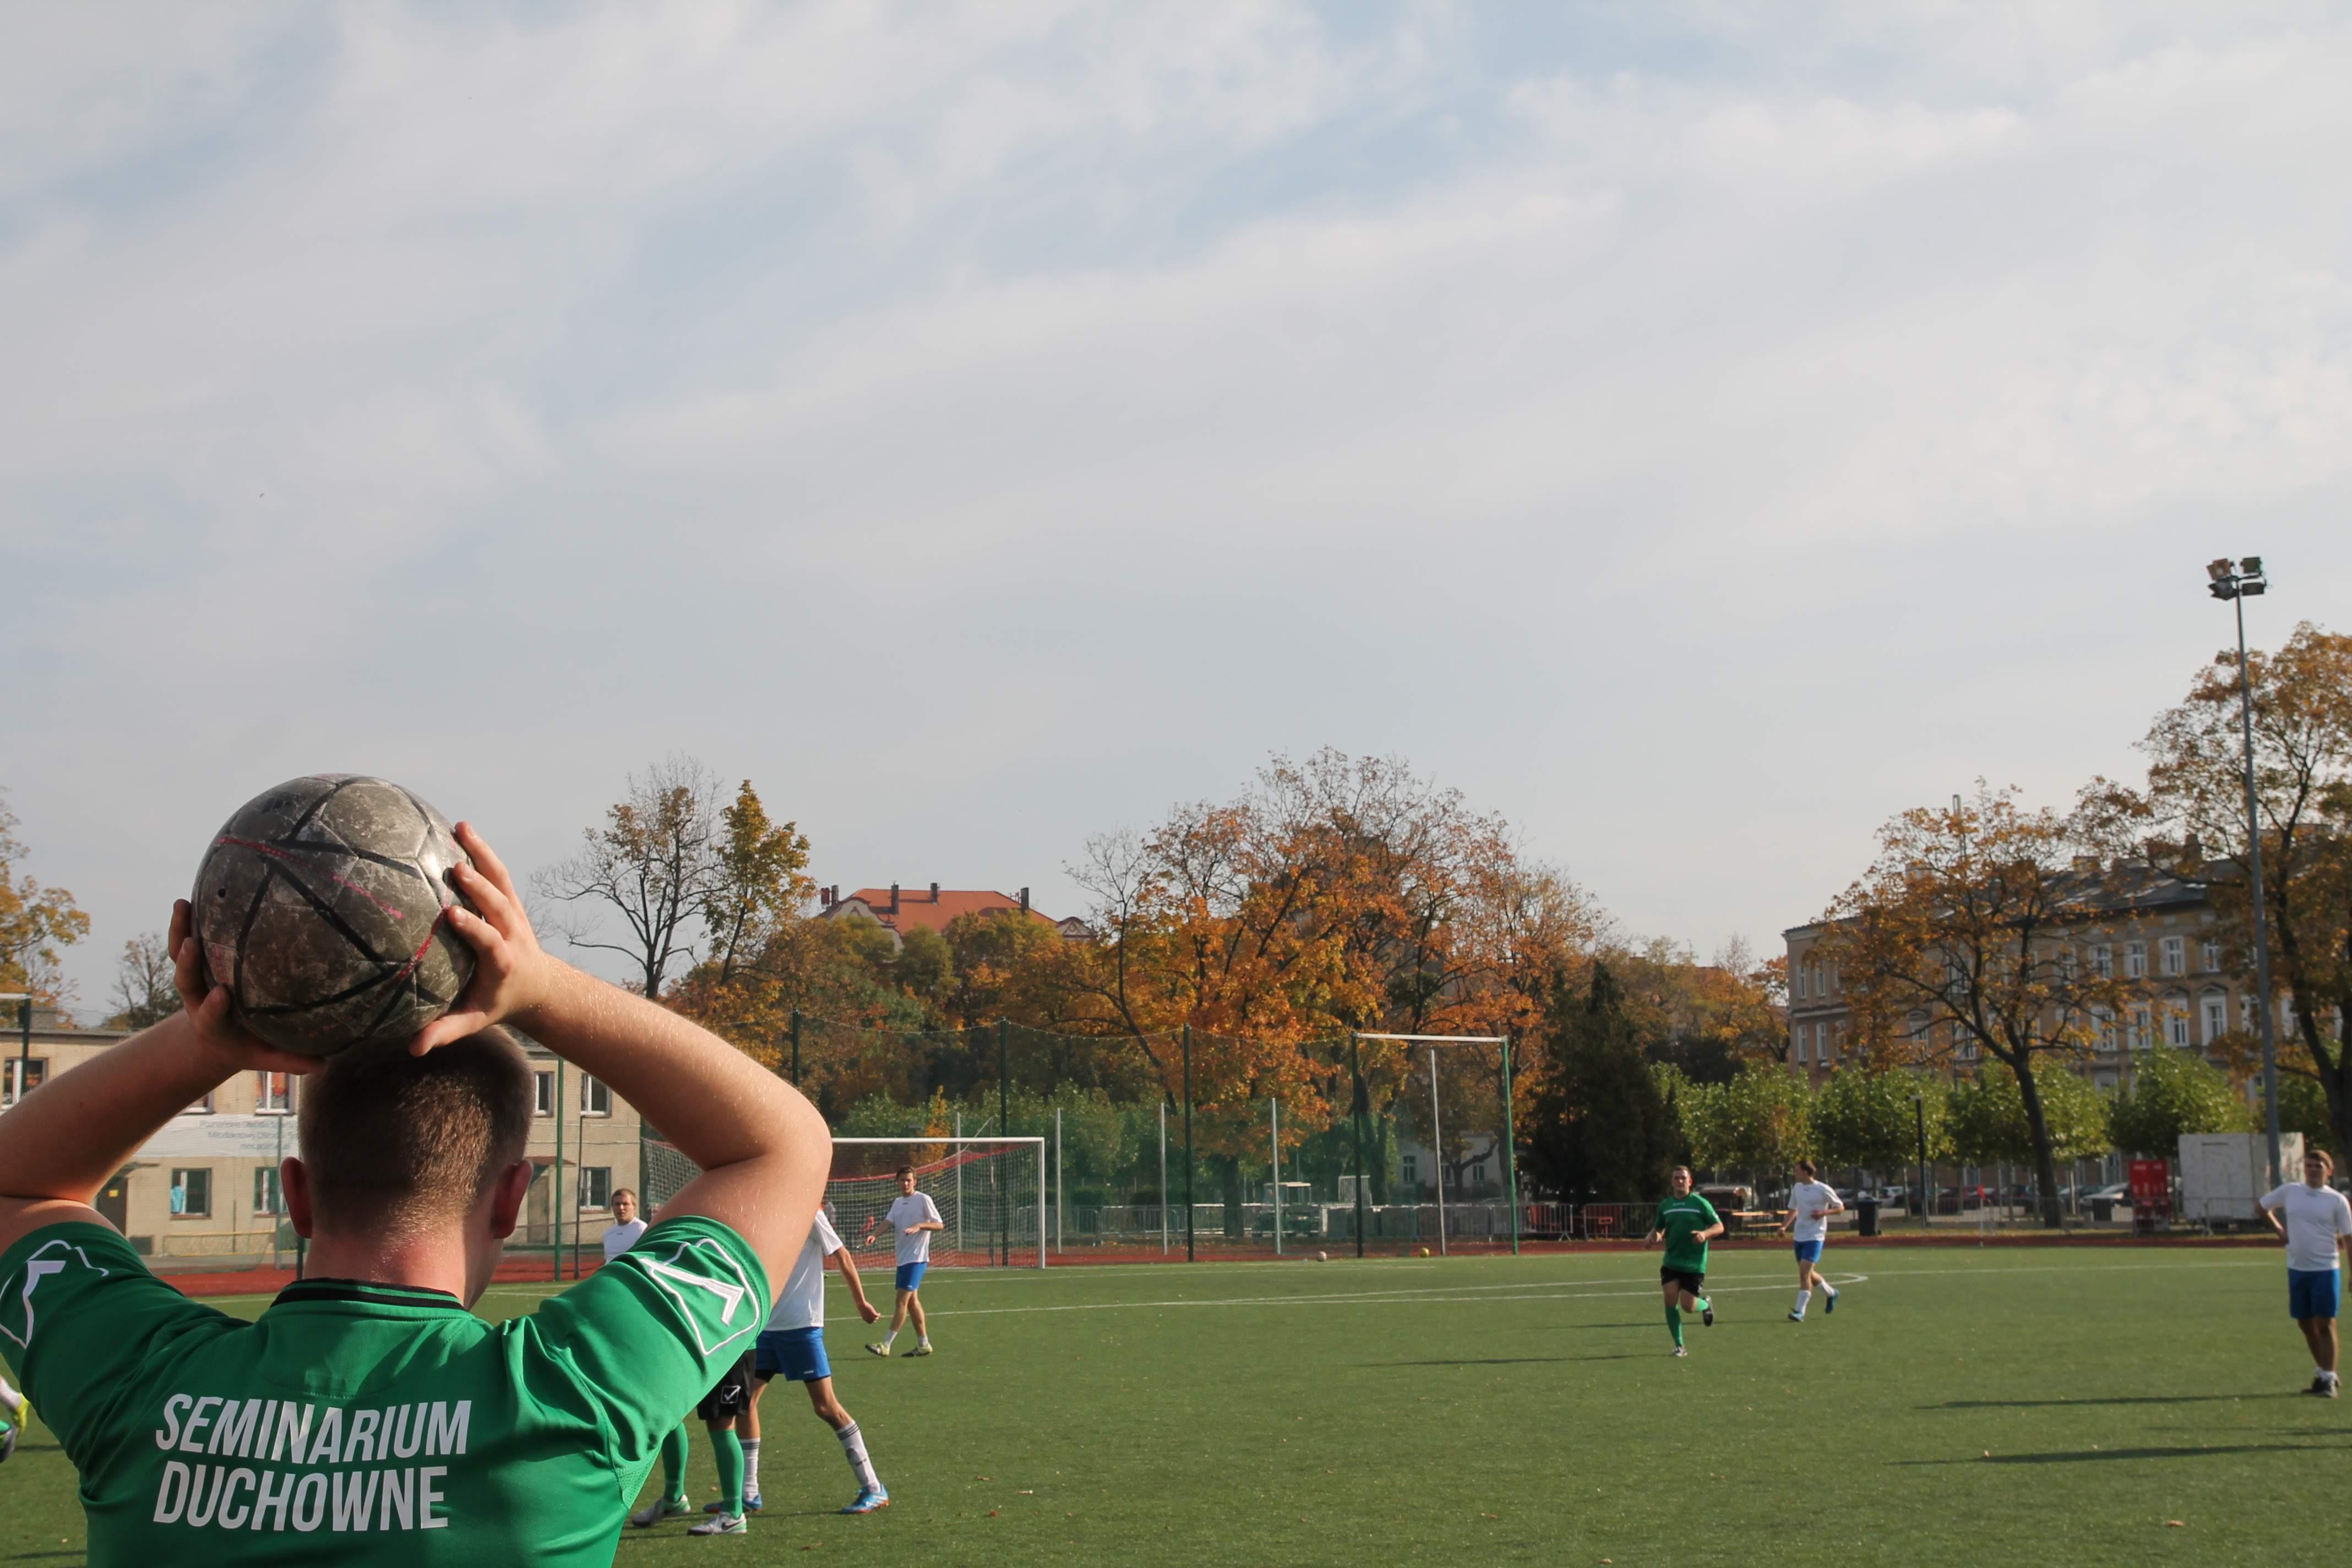 Mecz ASD Poznań vs GSD Gdańsk